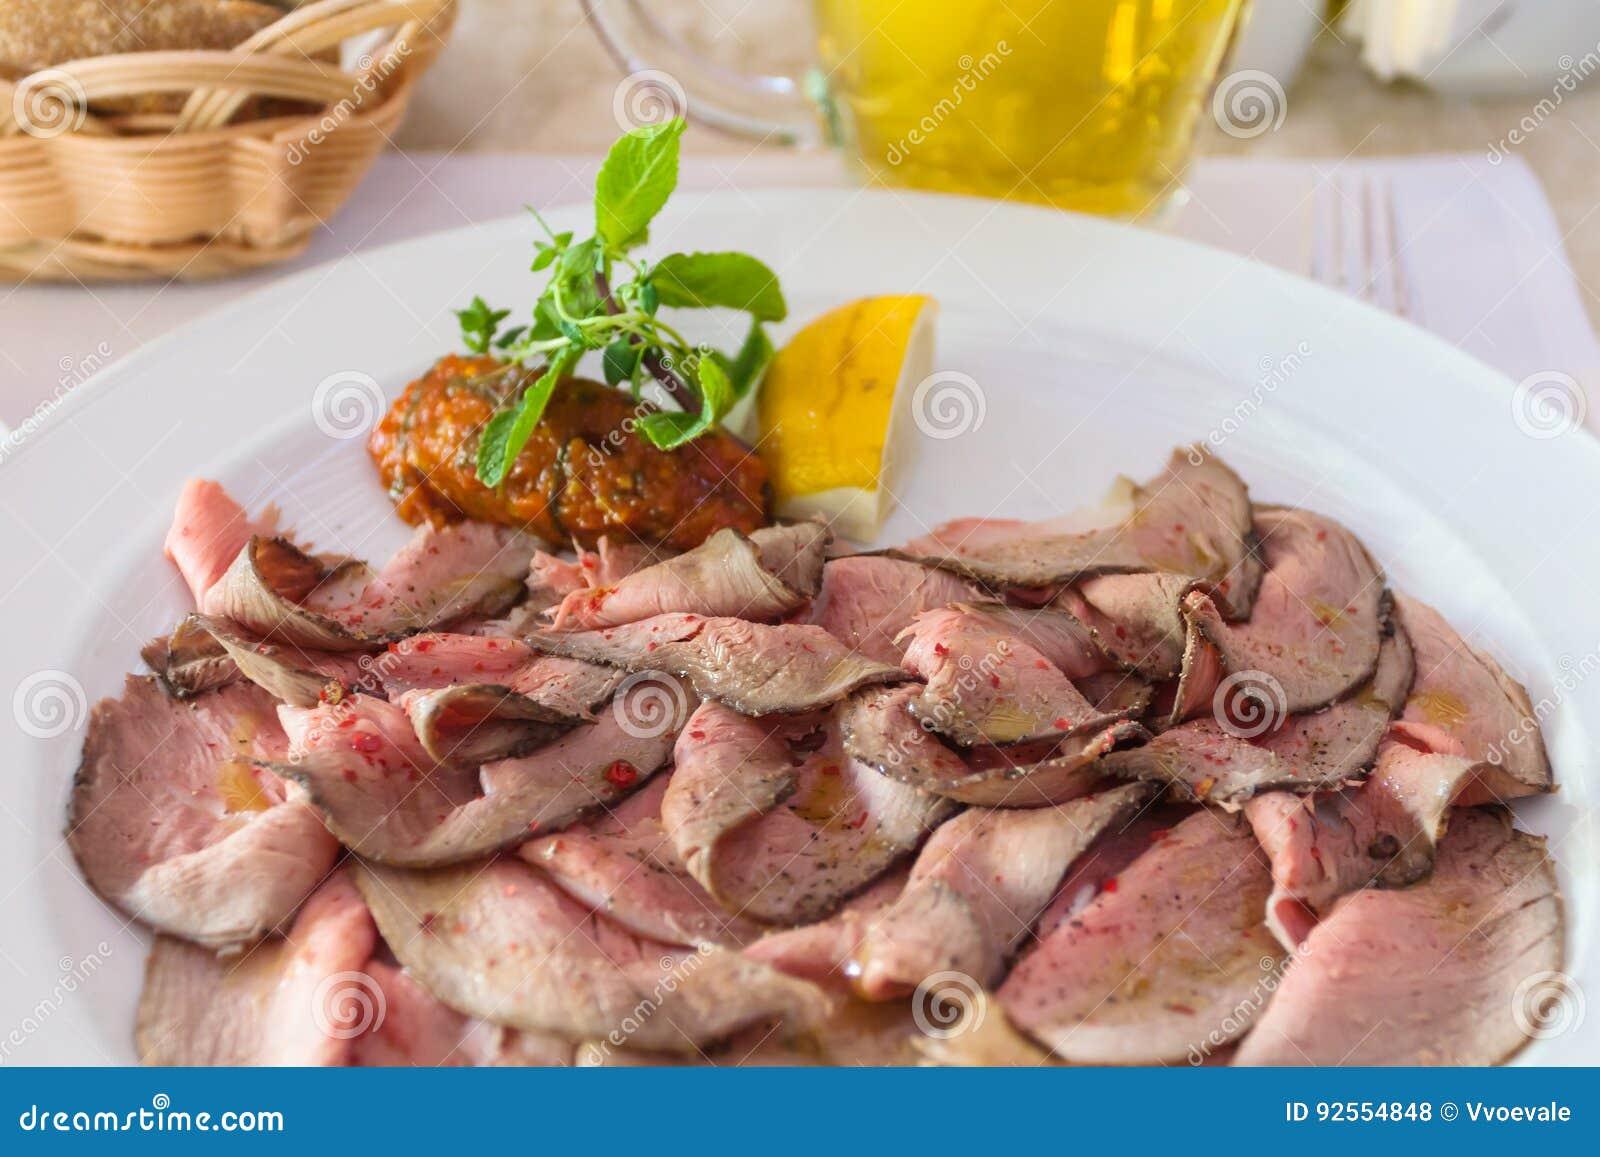 Sliced roast beef package - Sliced Roast Beef Close Up On Plate